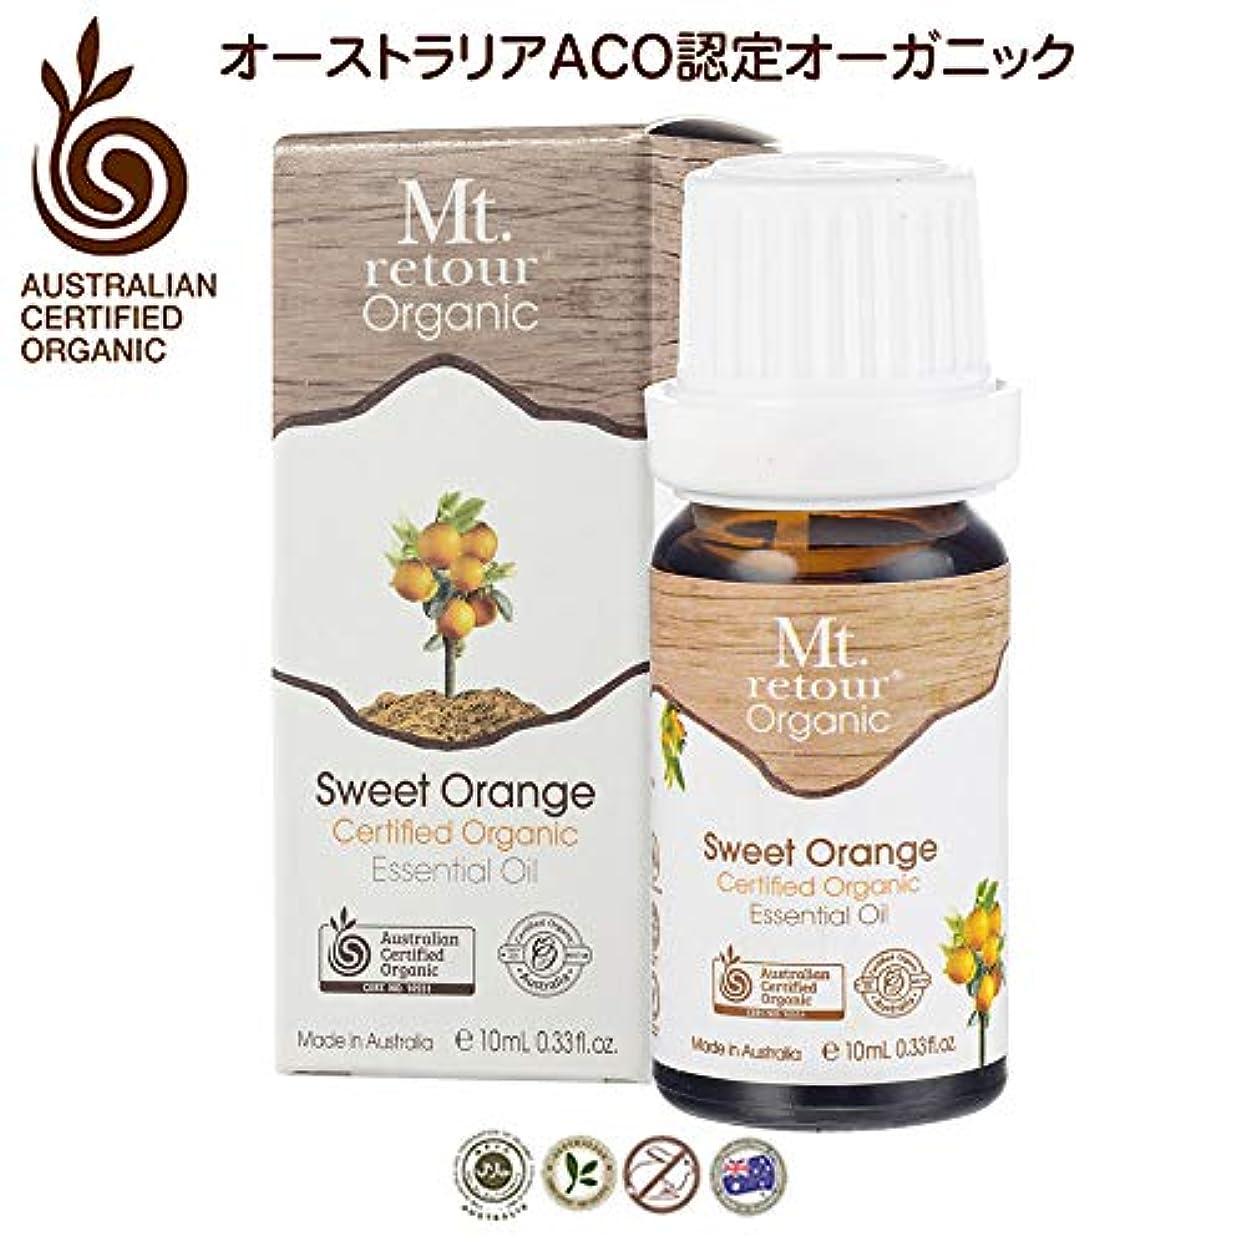 約設定ペグ完璧Mt. retour ACO認定オーガニック オレンジスイート 10ml エッセンシャルオイル(無農薬有機)アロマ